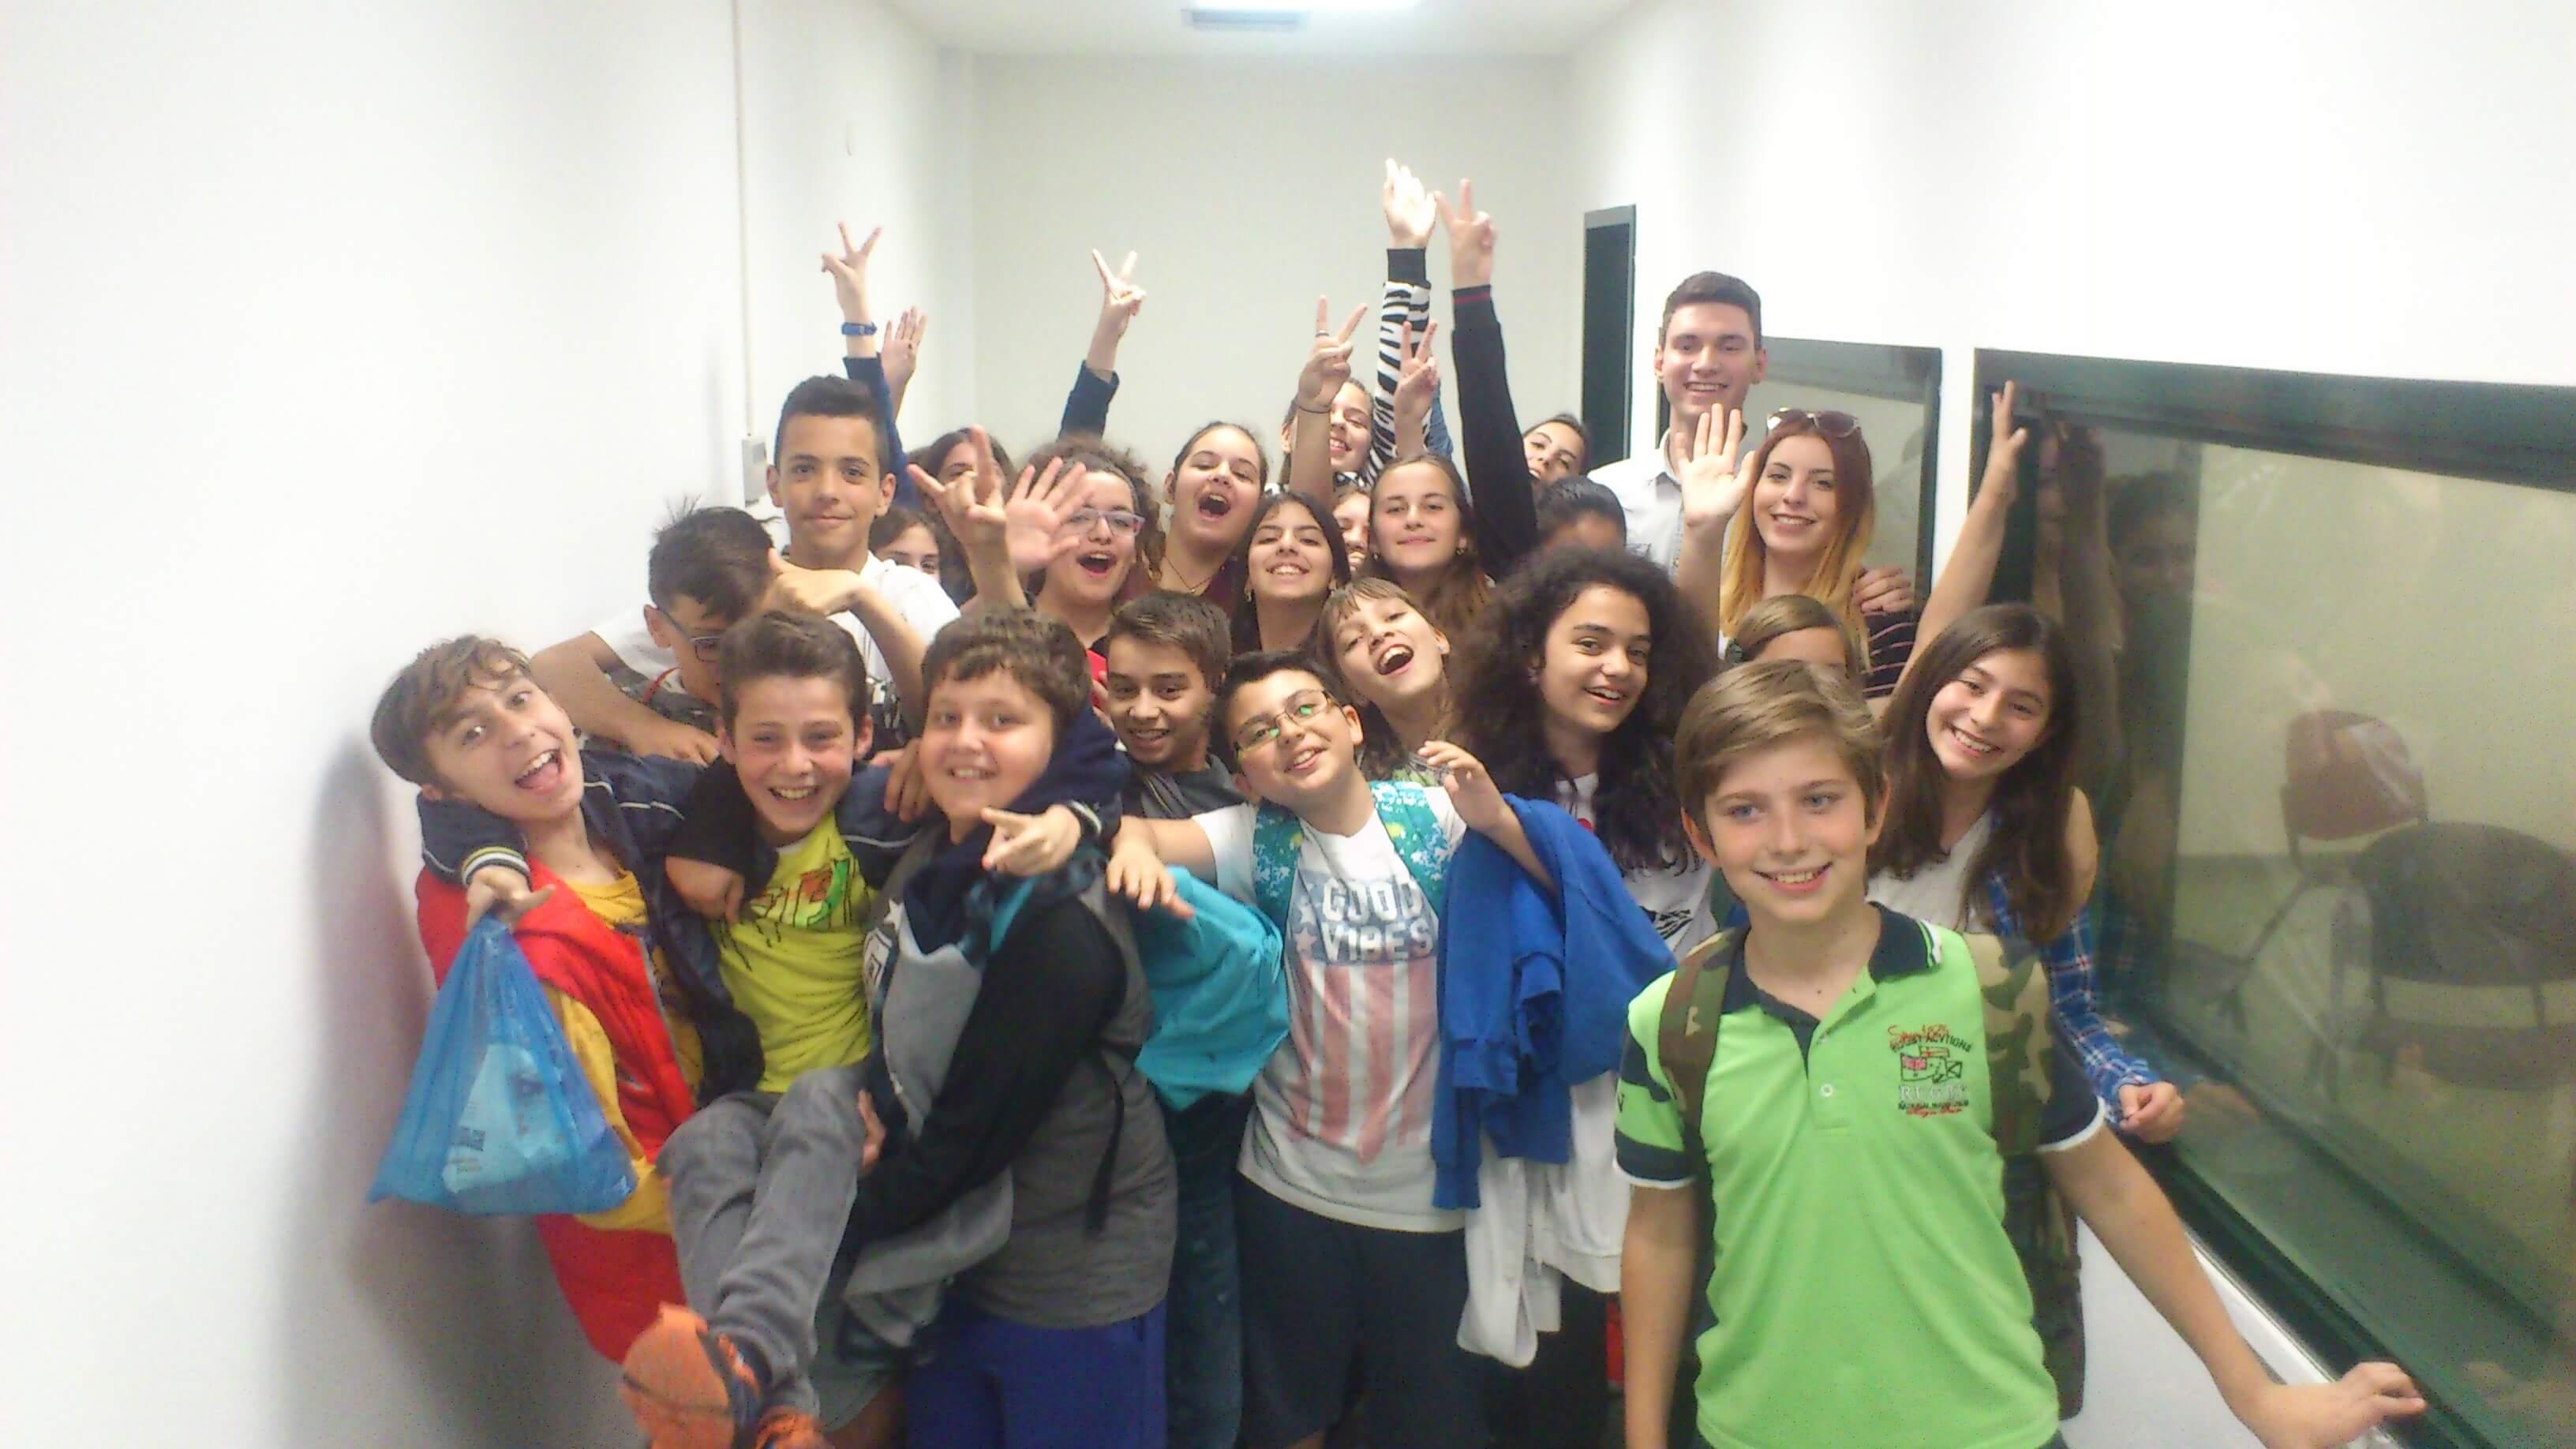 Το 1ο ΔΣ Αγίου Παύλου στο εκπαιδευτικό πρόγραμμα του ESR στο ΤΕΙ Θεσσαλονίκης